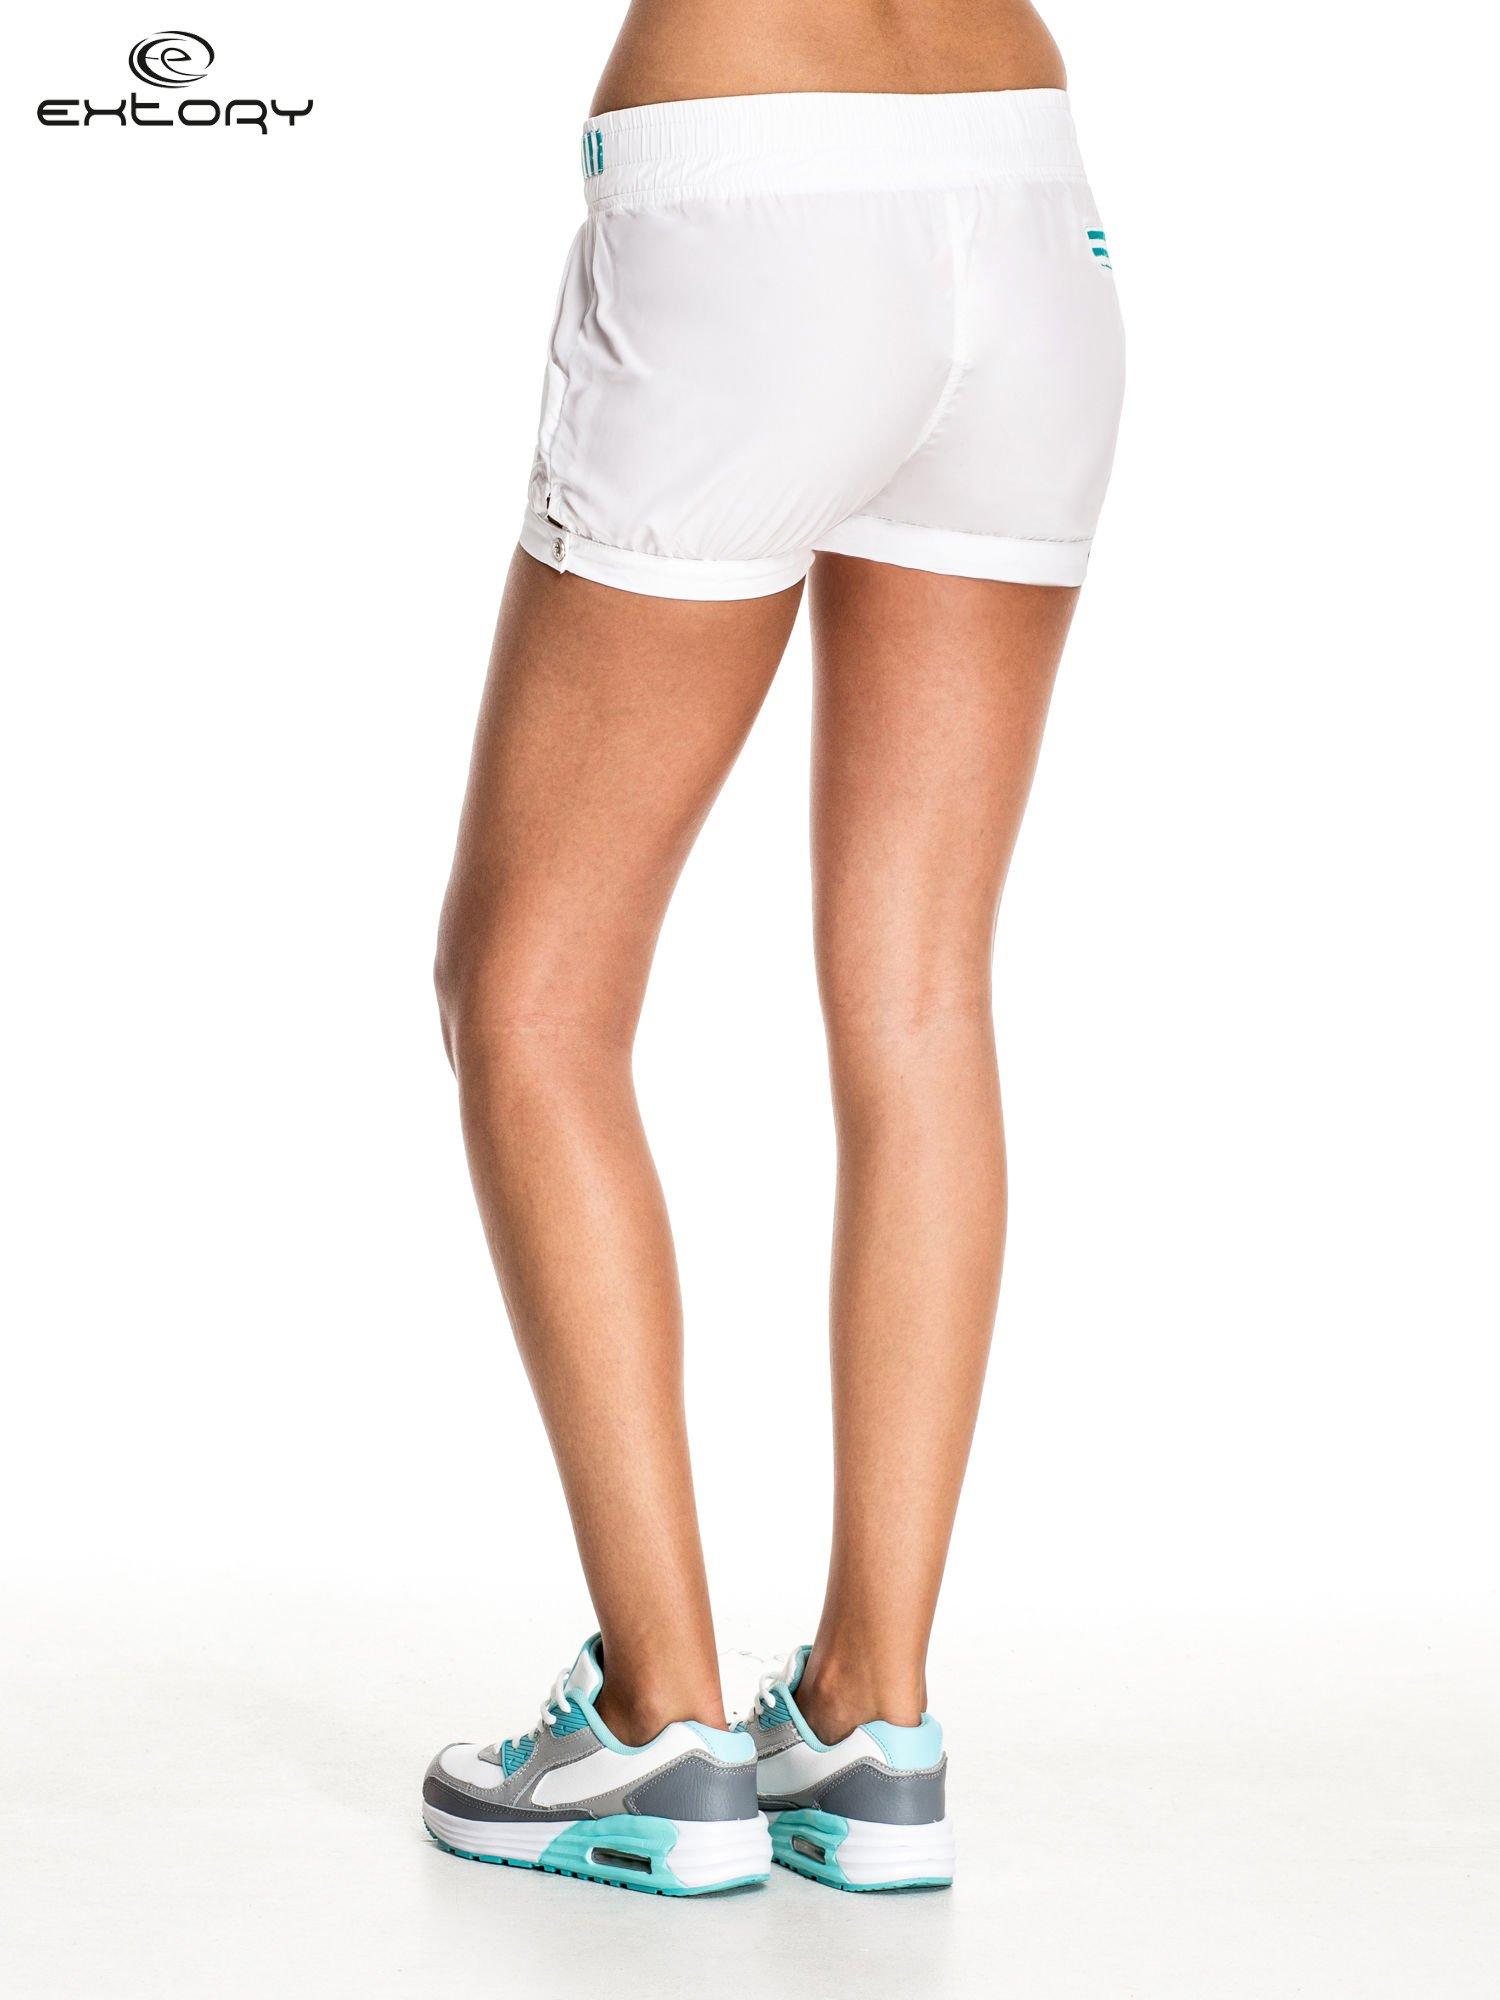 Białe szorty damskie w stylu marynarskim                                  zdj.                                  4